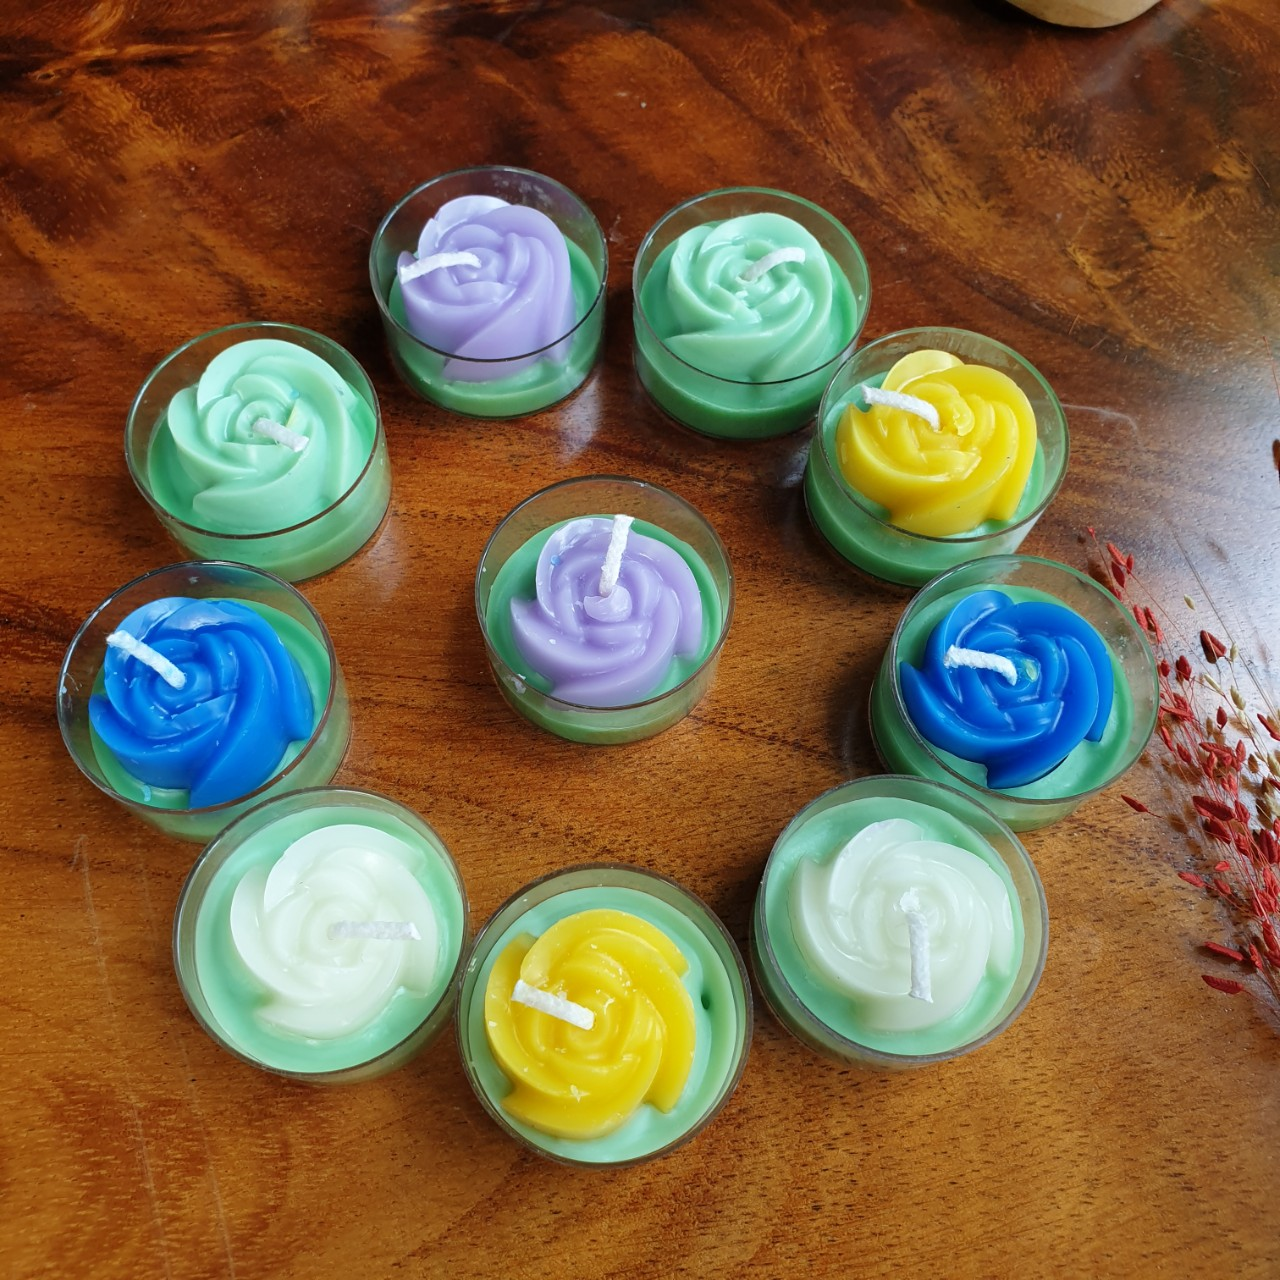 Set 10 Nến tealight hoa hồng tinh dầu hoa hồng - giúp thư giãn, giảm stress, thơm phòng- Rore Essential Oil Candle